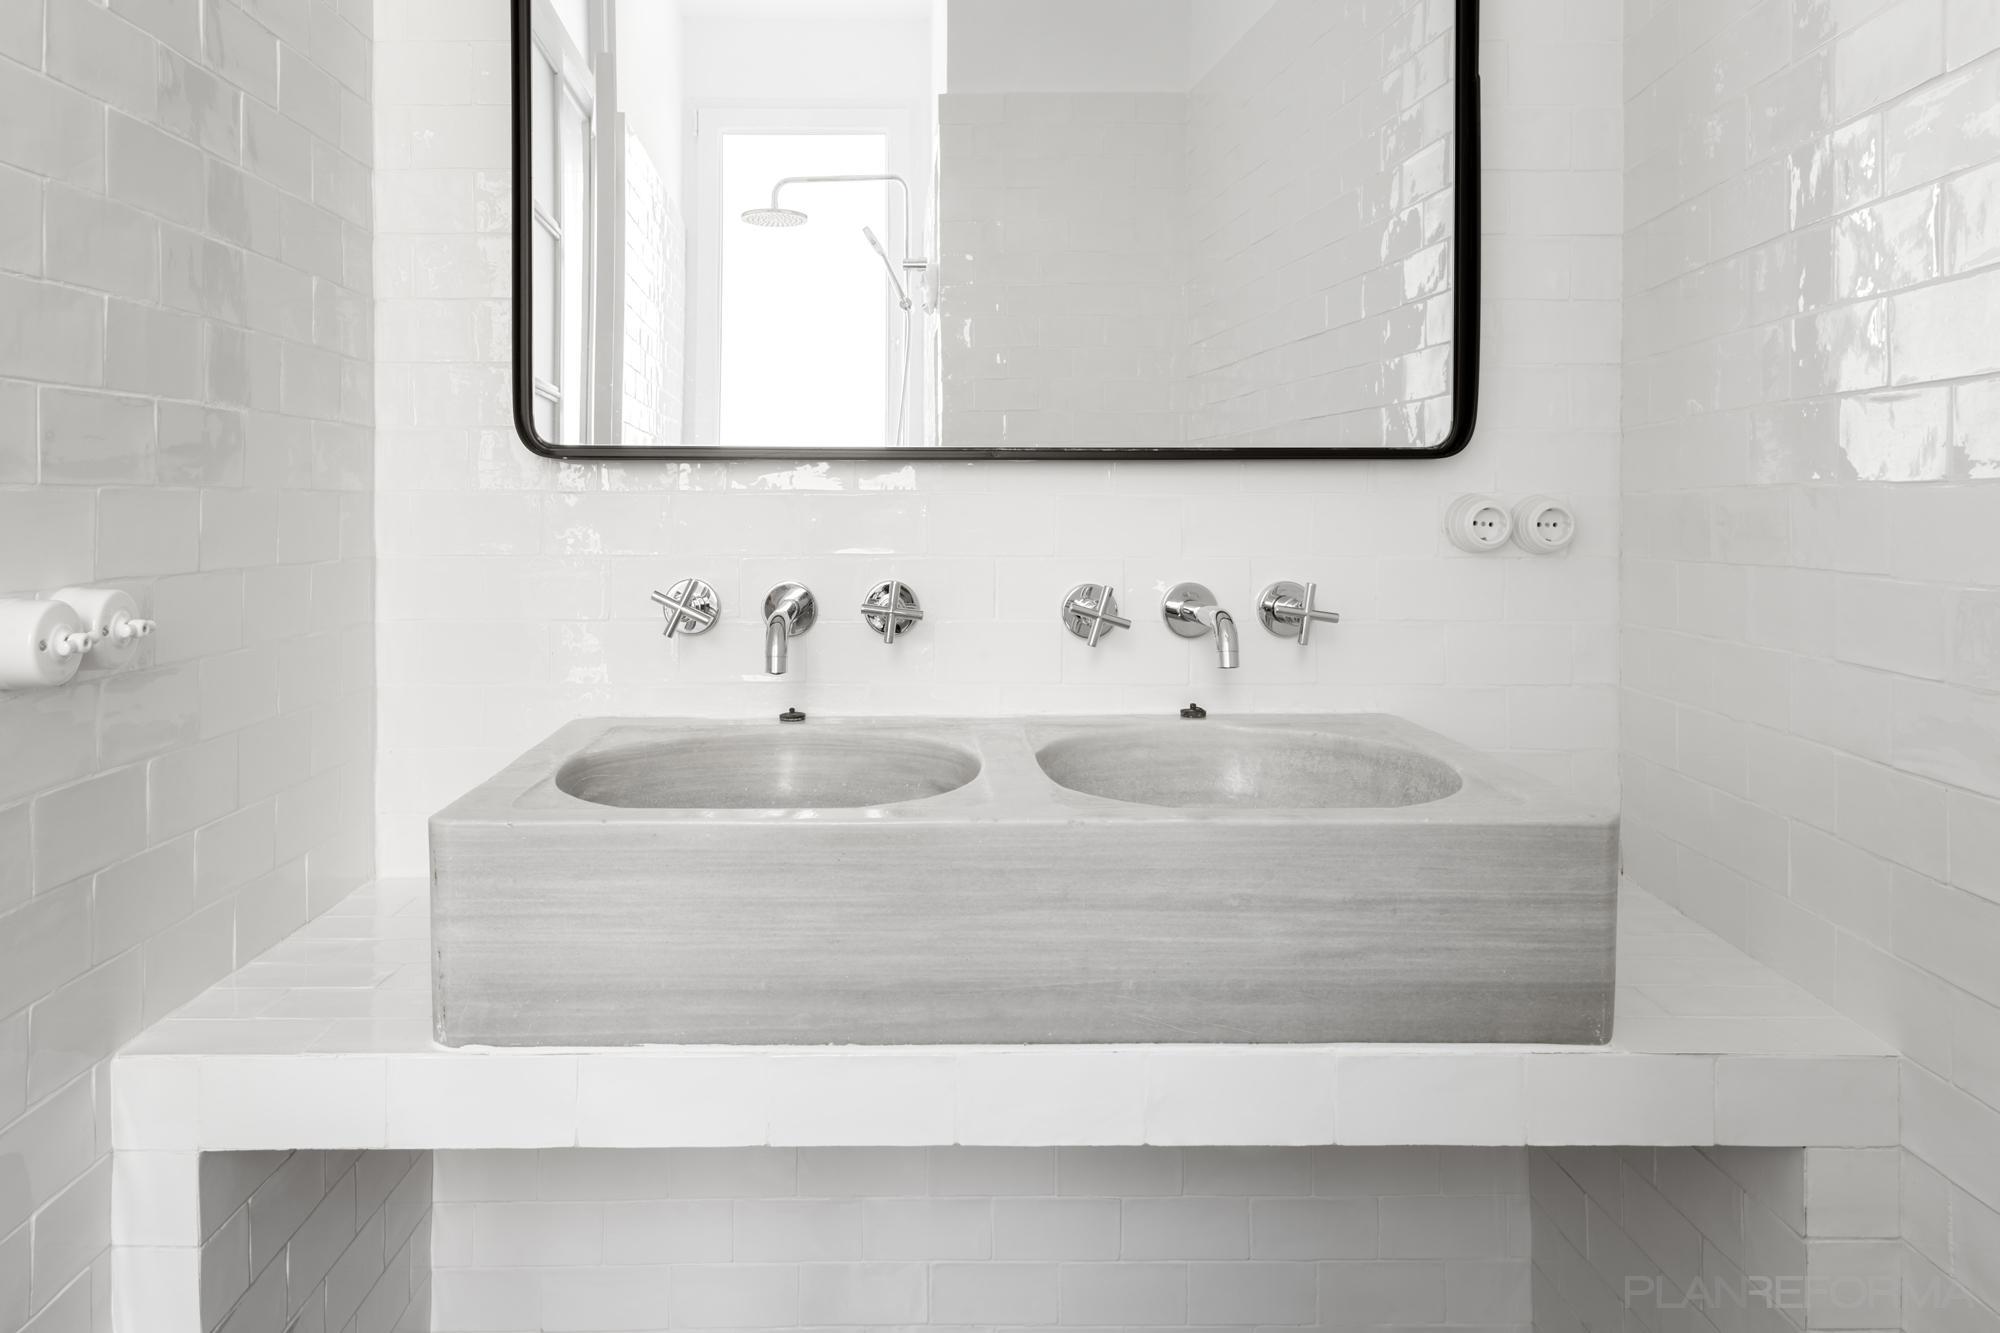 Baño Estilo clasico Color blanco, negro  diseñado por PIANO PIANO STUDIO   Arquitecto   Copyright Milena Villalba